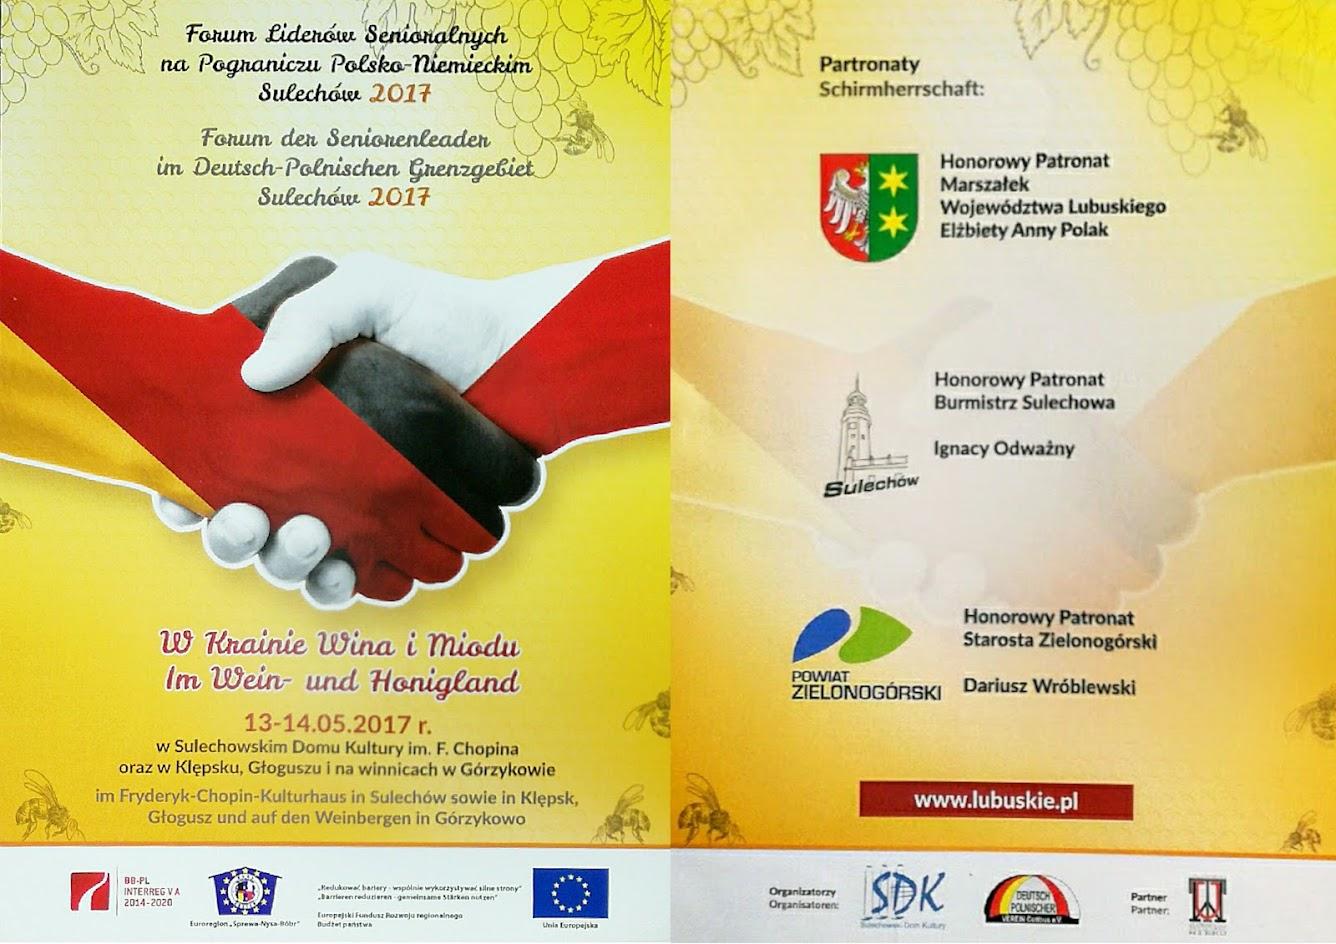 Forum Liderów Senioralnych na Pograniczu Polsko – Niemieckim Sulechów ҅ 2017